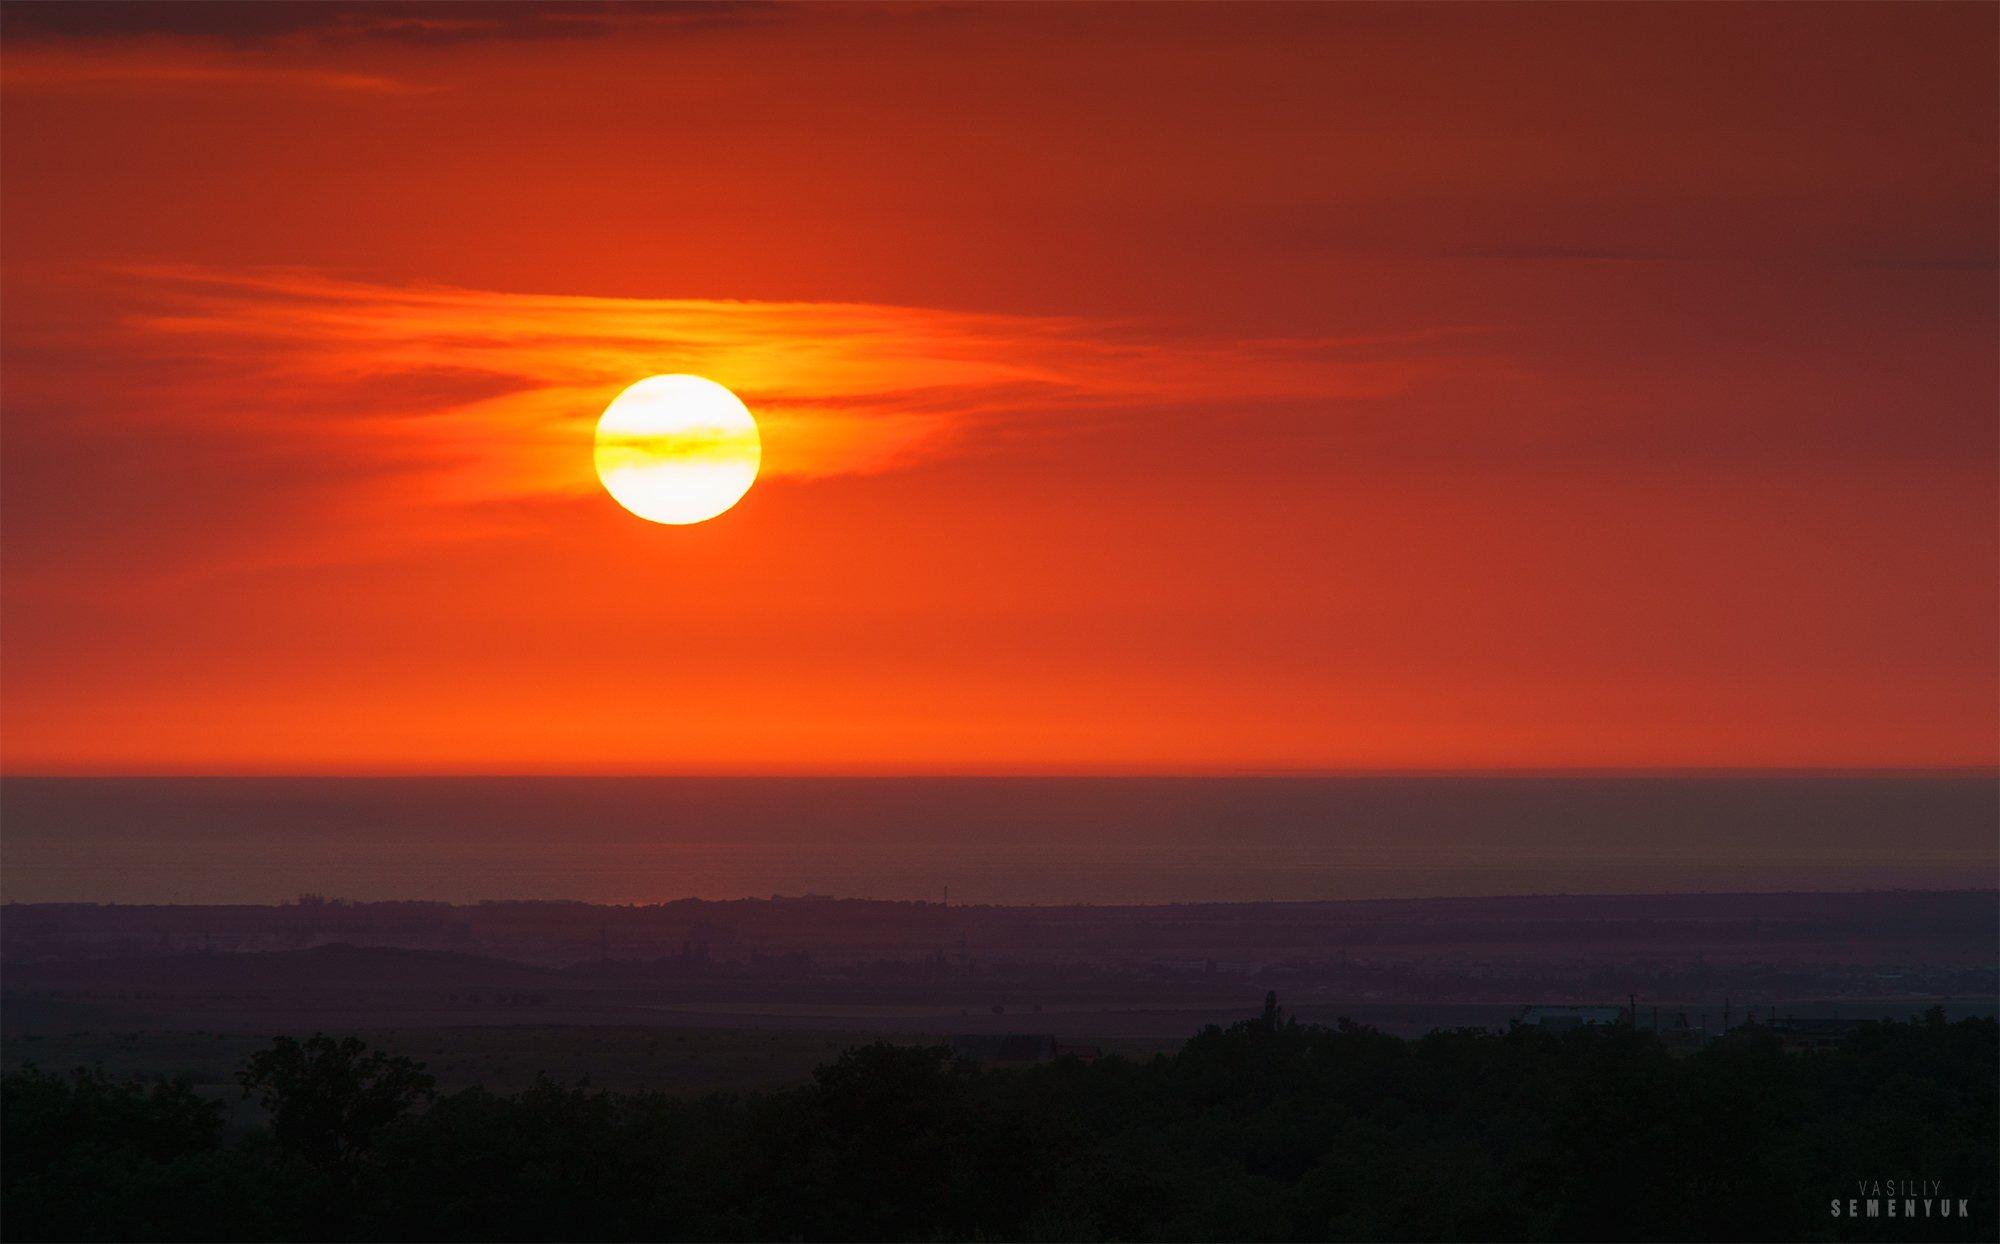 крым, солнце, море, закат, настроение., Семенюк Василий